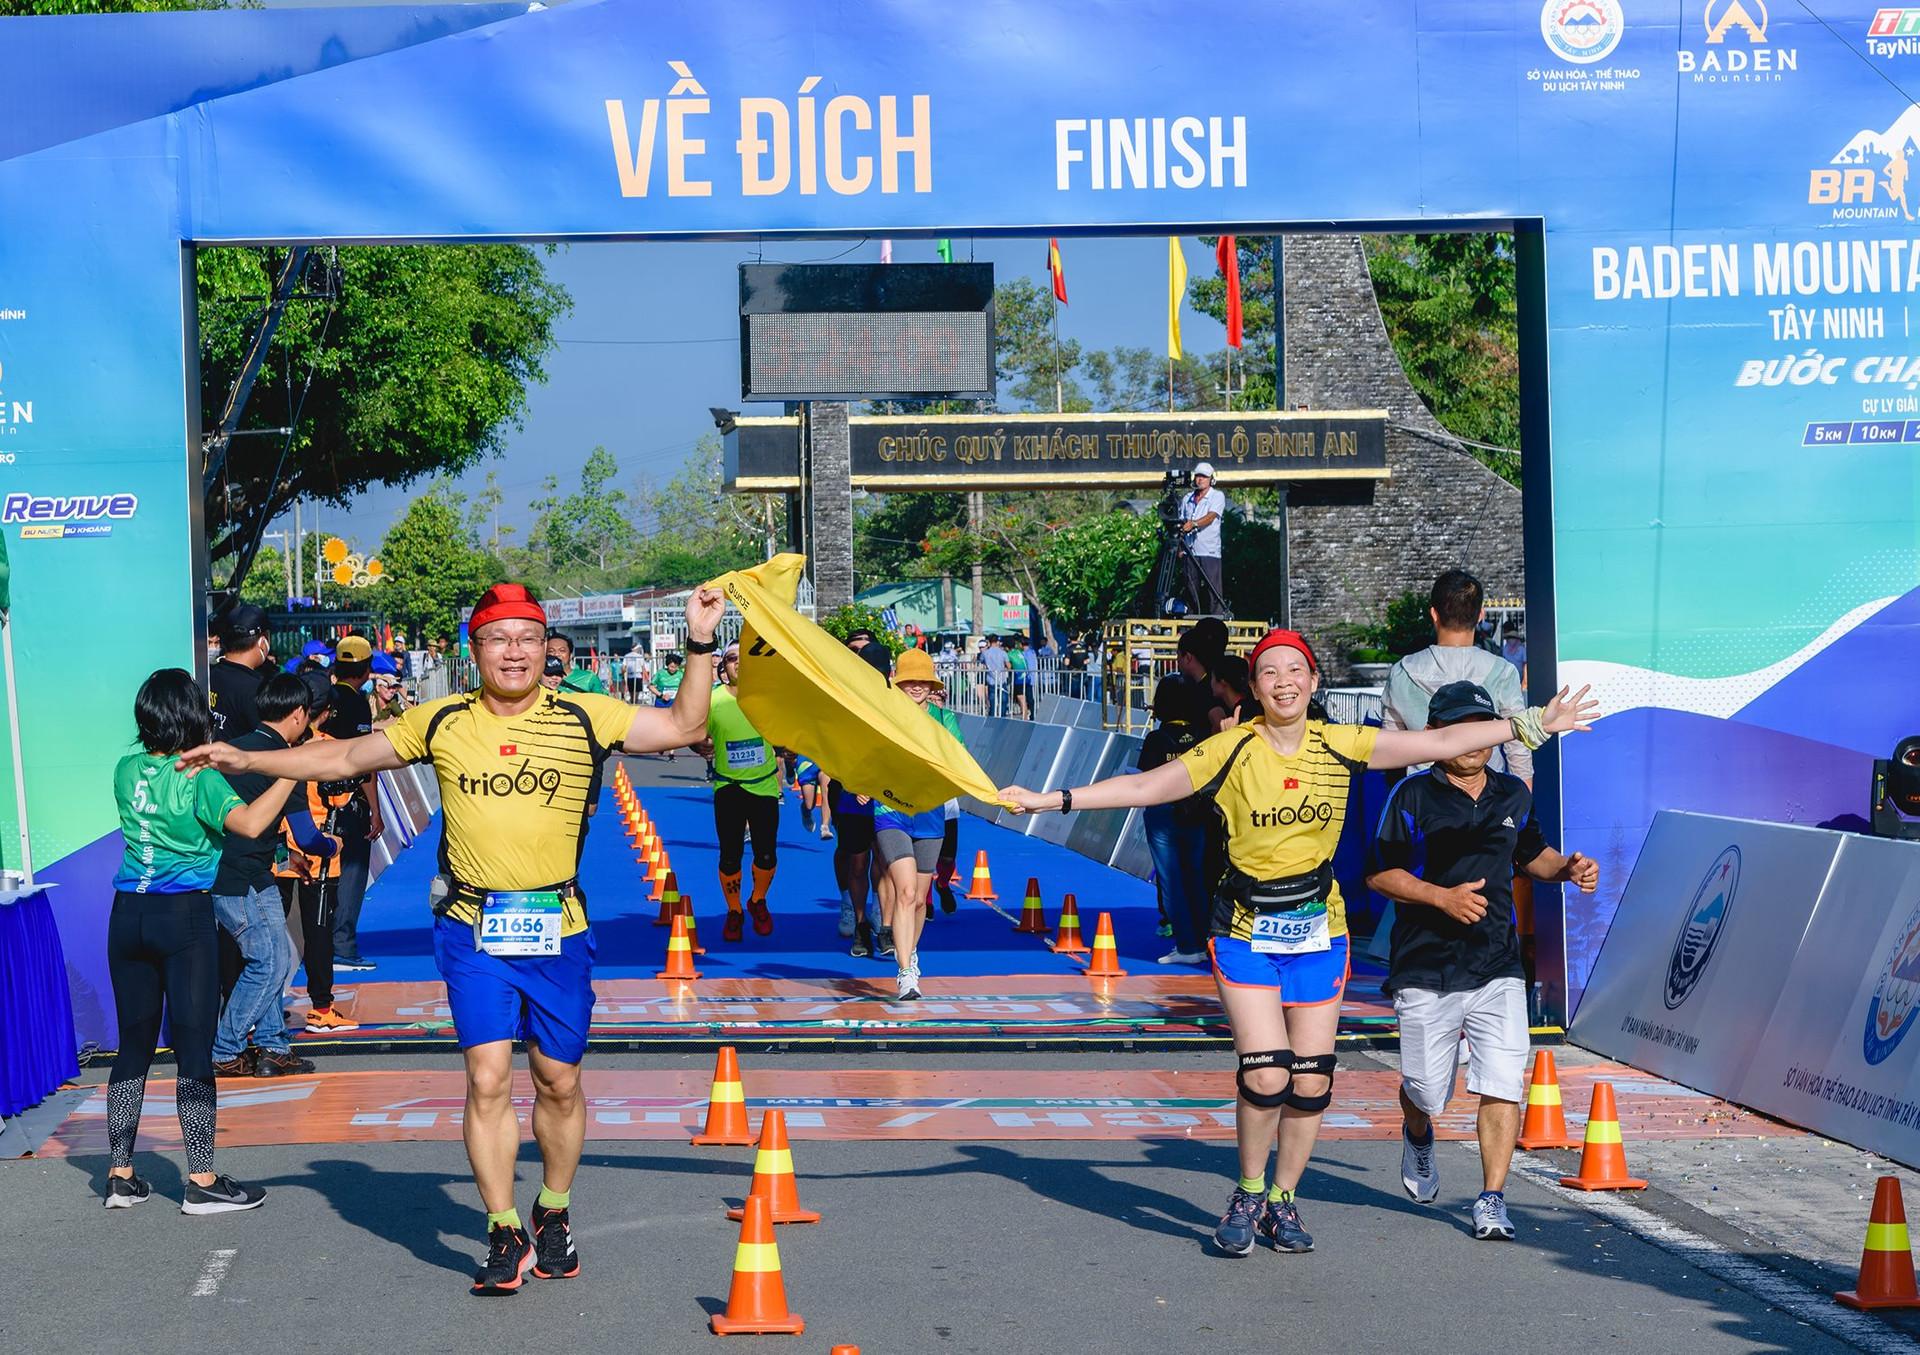 giai-chay-baden-mountain-marathon-2021-1-.jpg